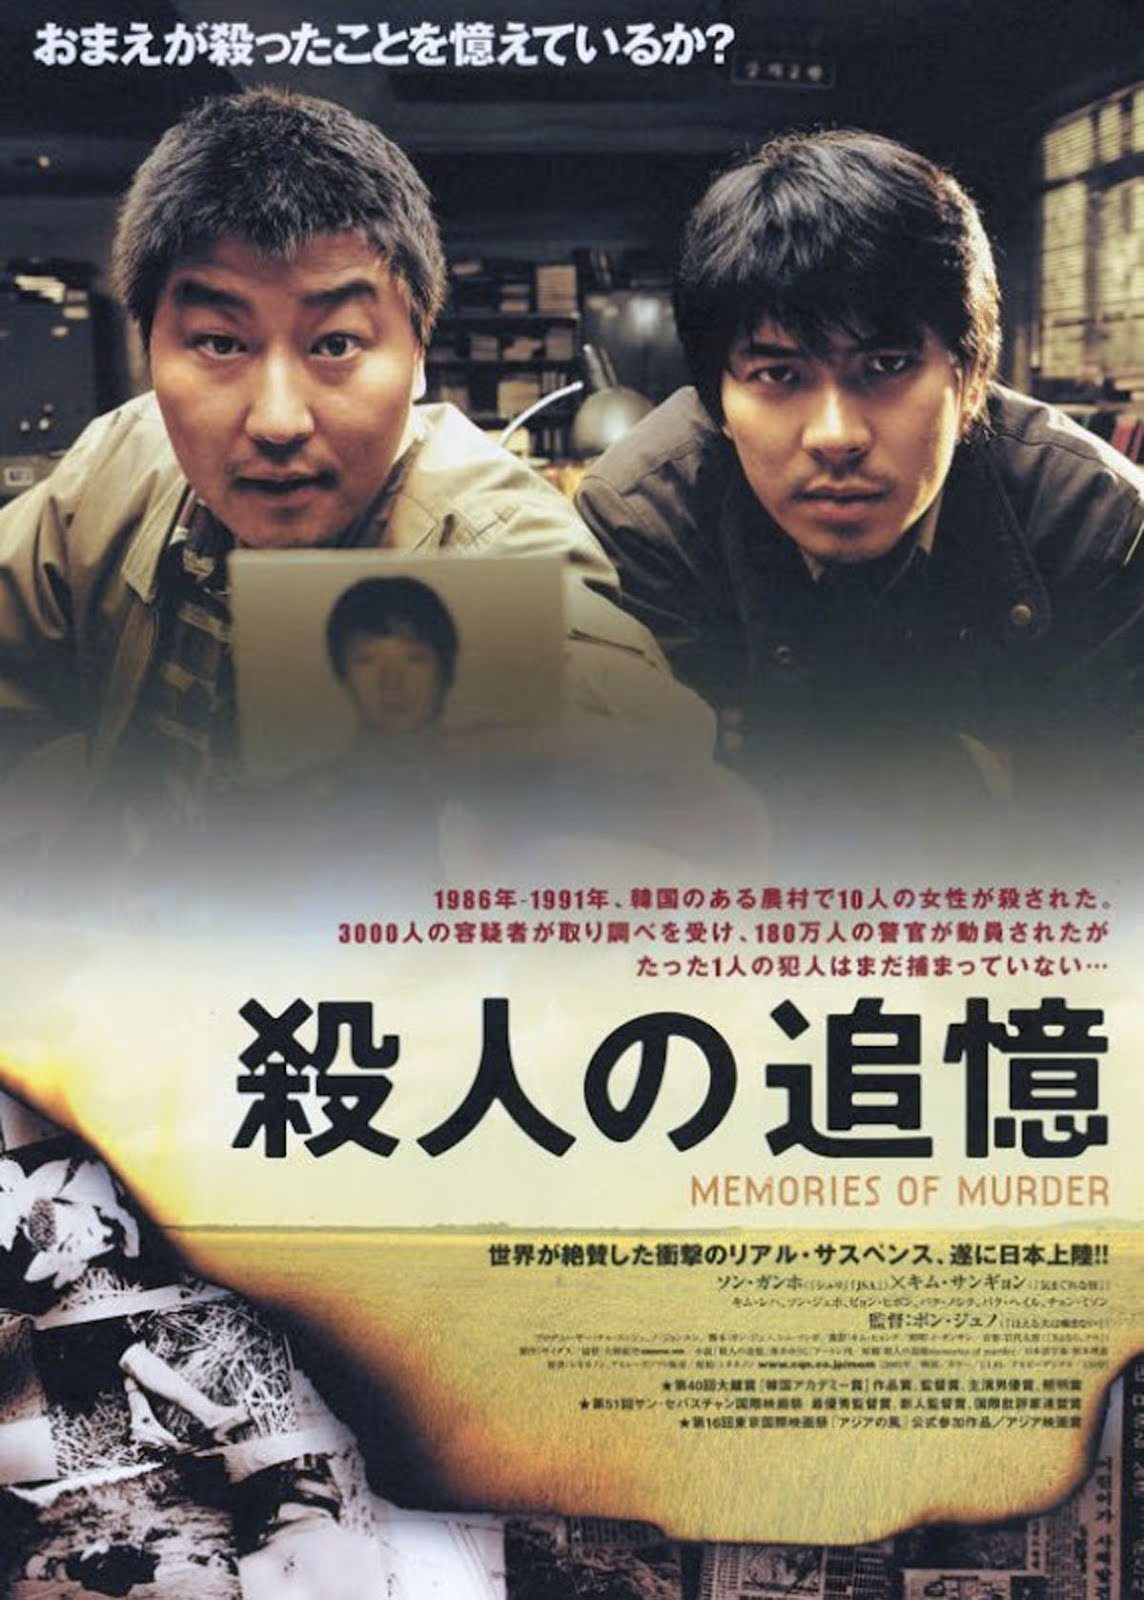 Memories-of-Murder-Salinui-chueok-movie-poster